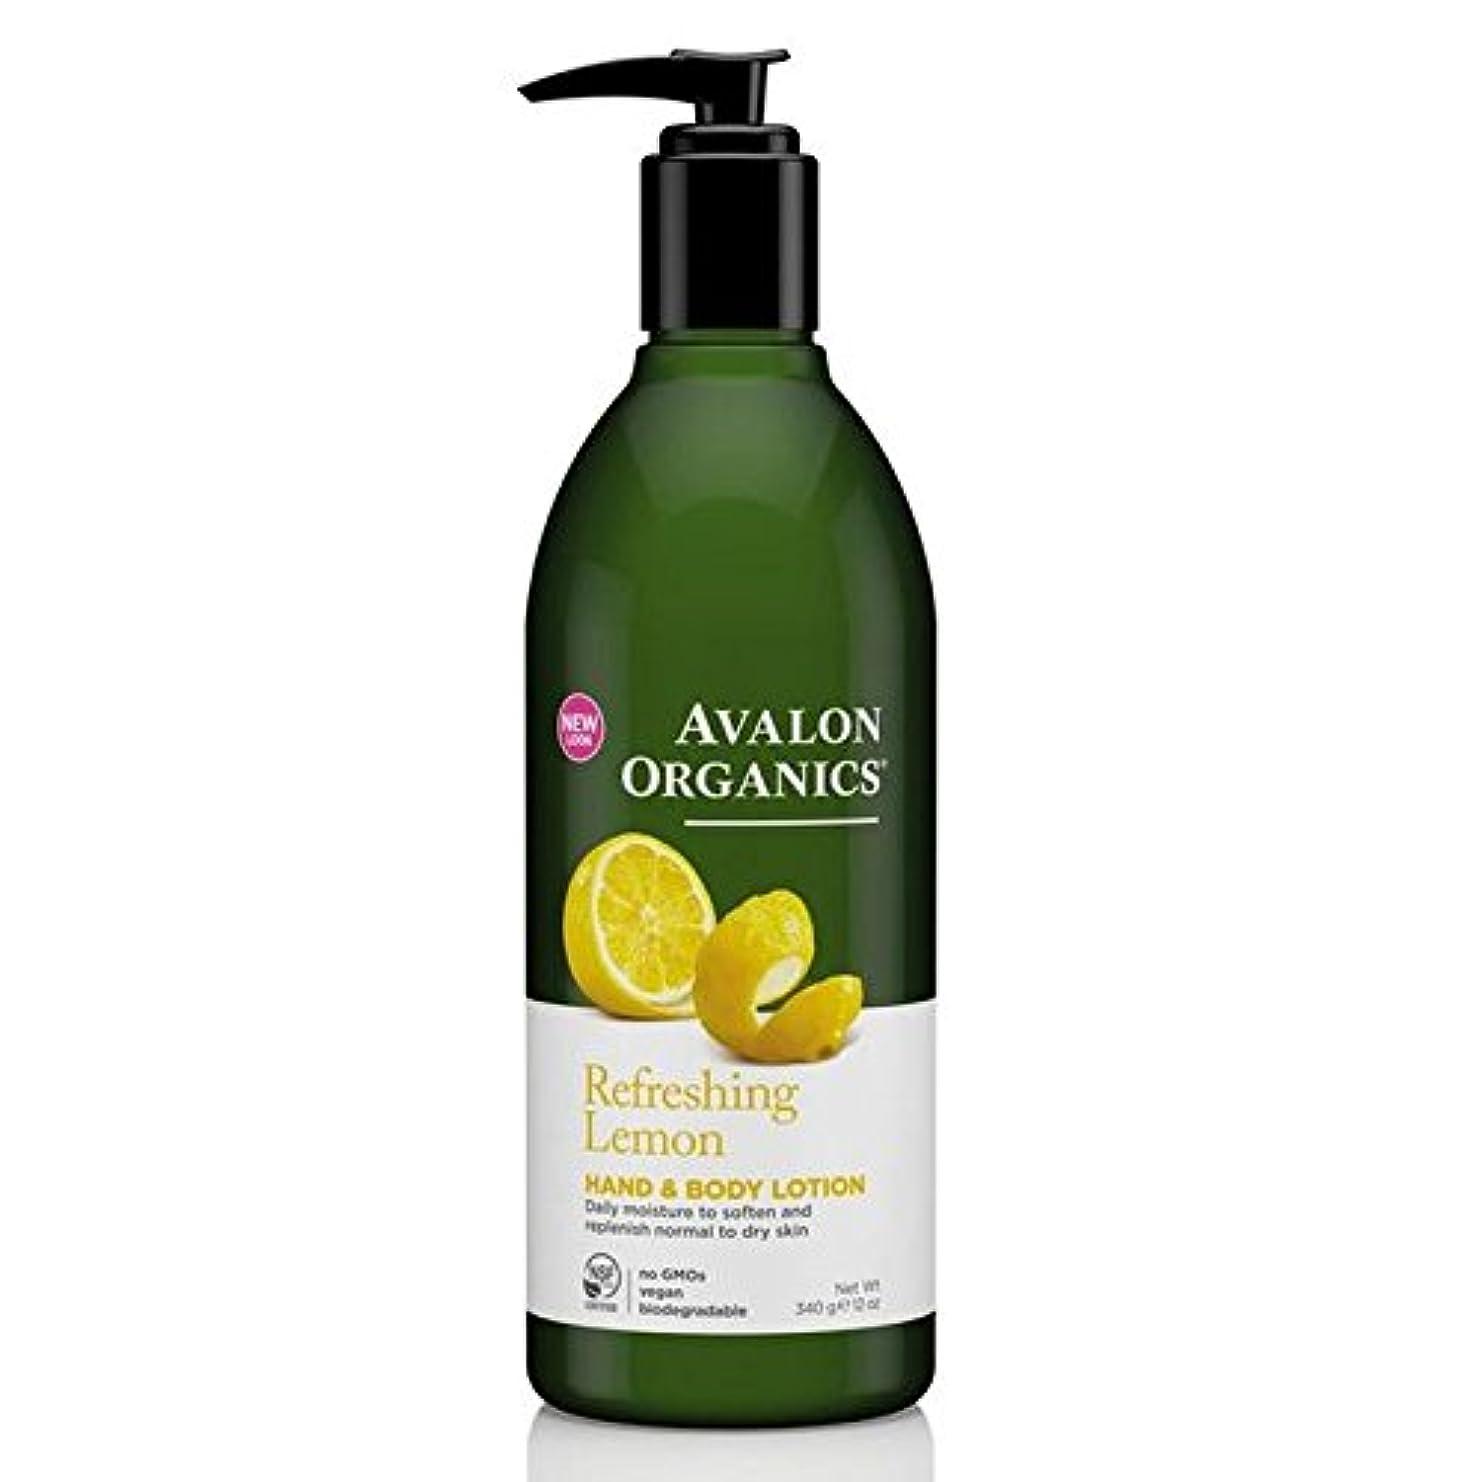 文献組み立てる不一致Avalon Organics Lemon Hand & Body Lotion 340g - (Avalon) レモンハンド&ボディローション340グラム [並行輸入品]